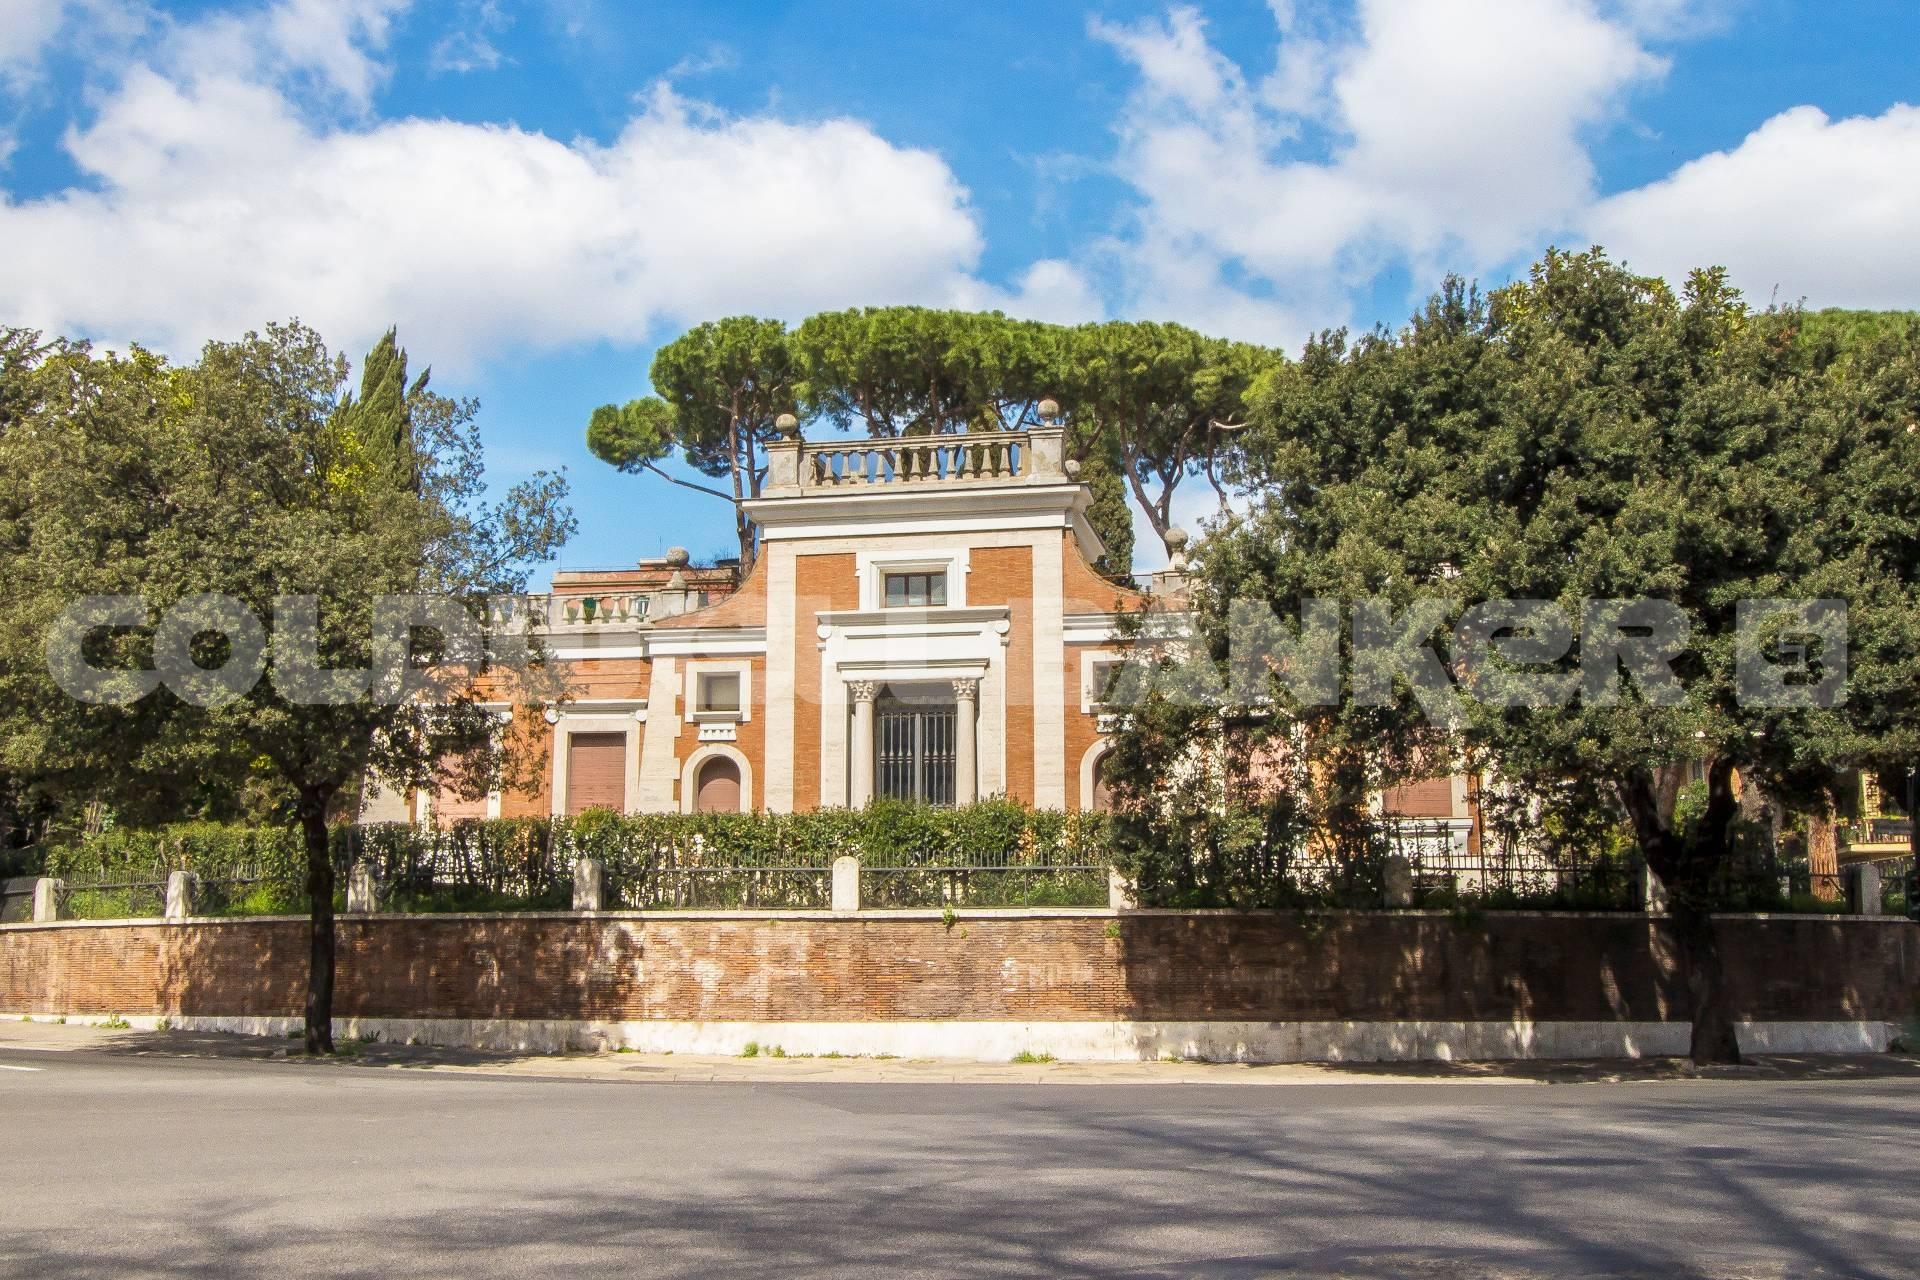 Ufficio In Vendita Roma : Ufficio in vendita a roma cod ex